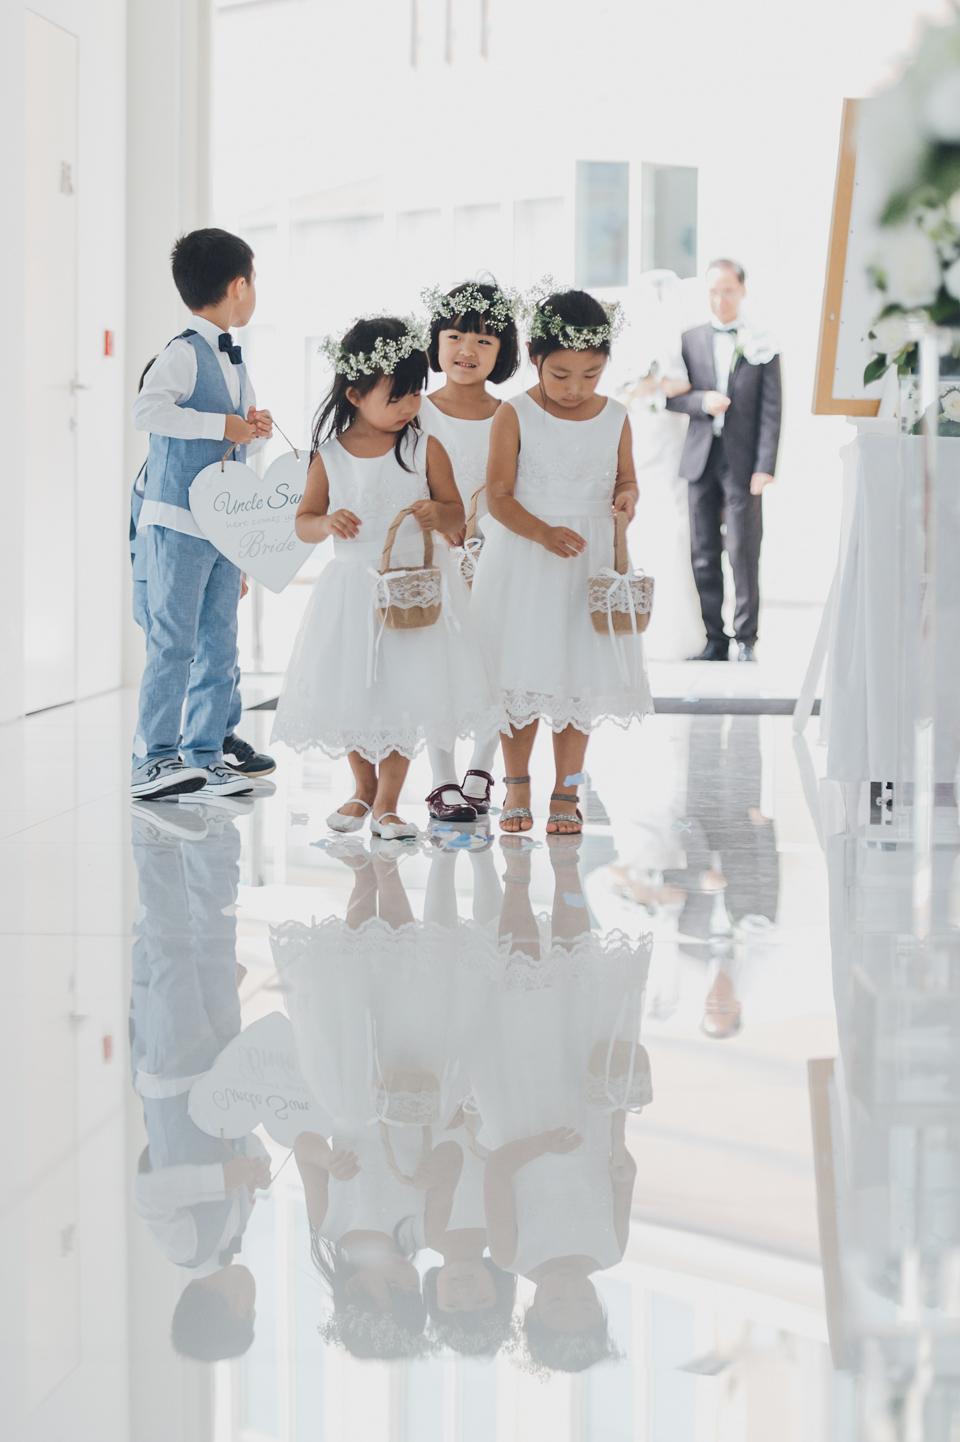 hongkong-wedding-photo-video-69 Kristy & Sam HongKong Wedding Four Saison HKhongkong wedding photo video 69